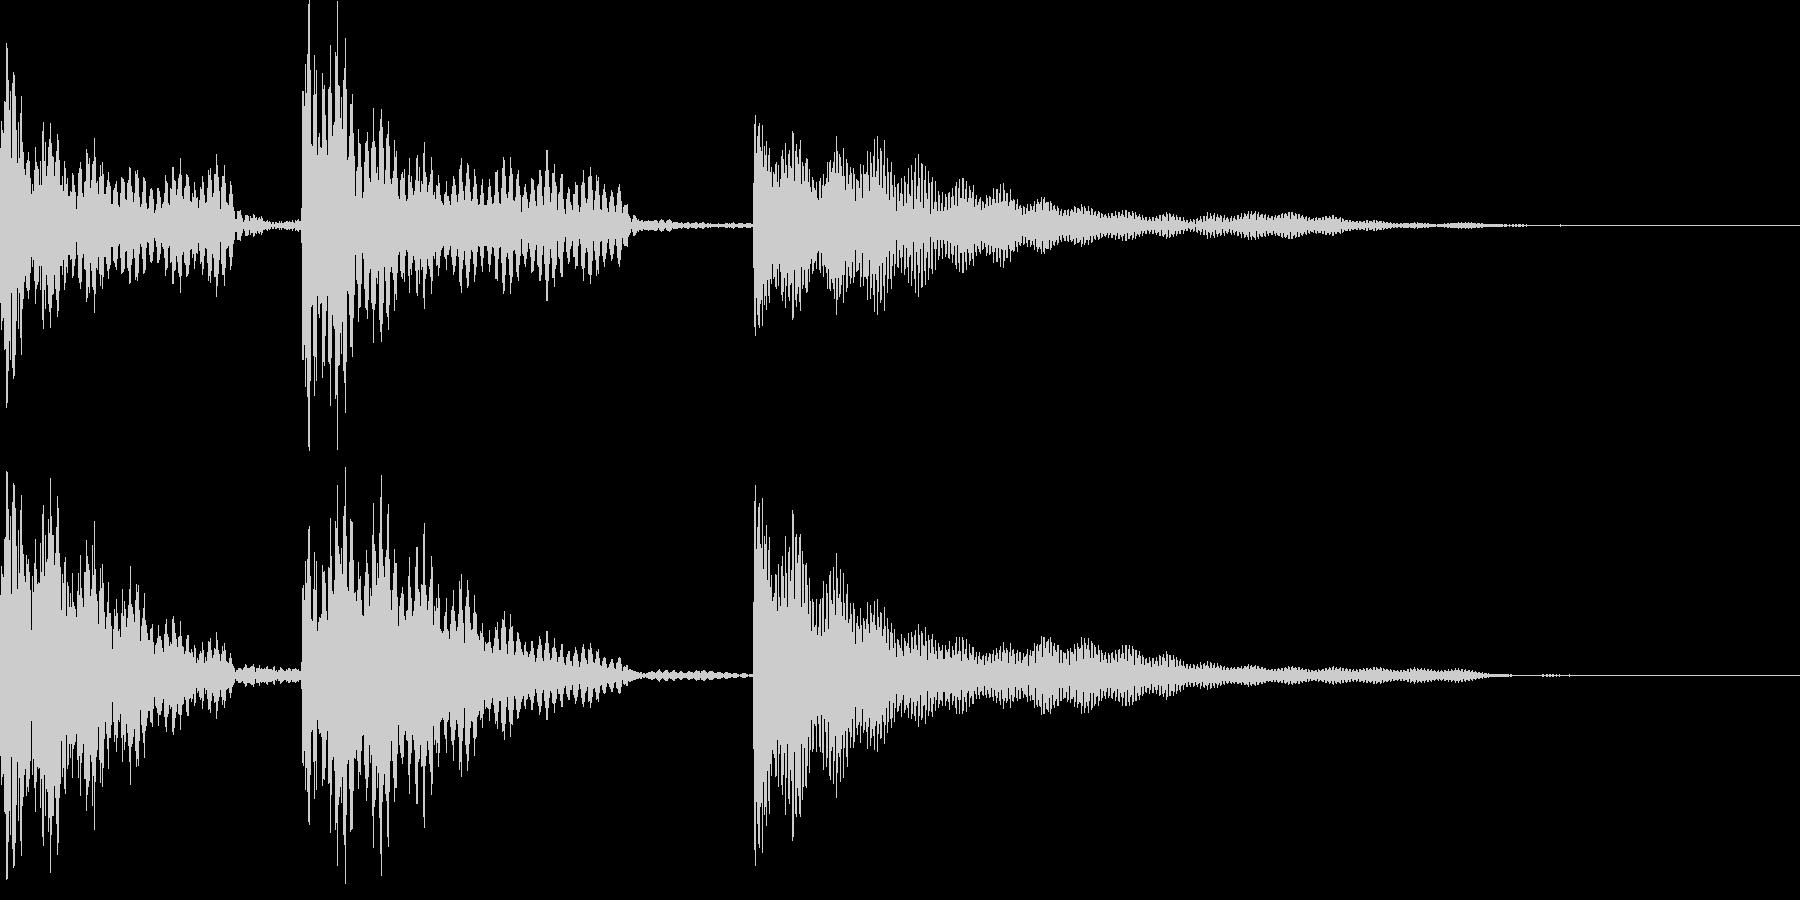 いろいろな用途に使えるジングルです。の未再生の波形